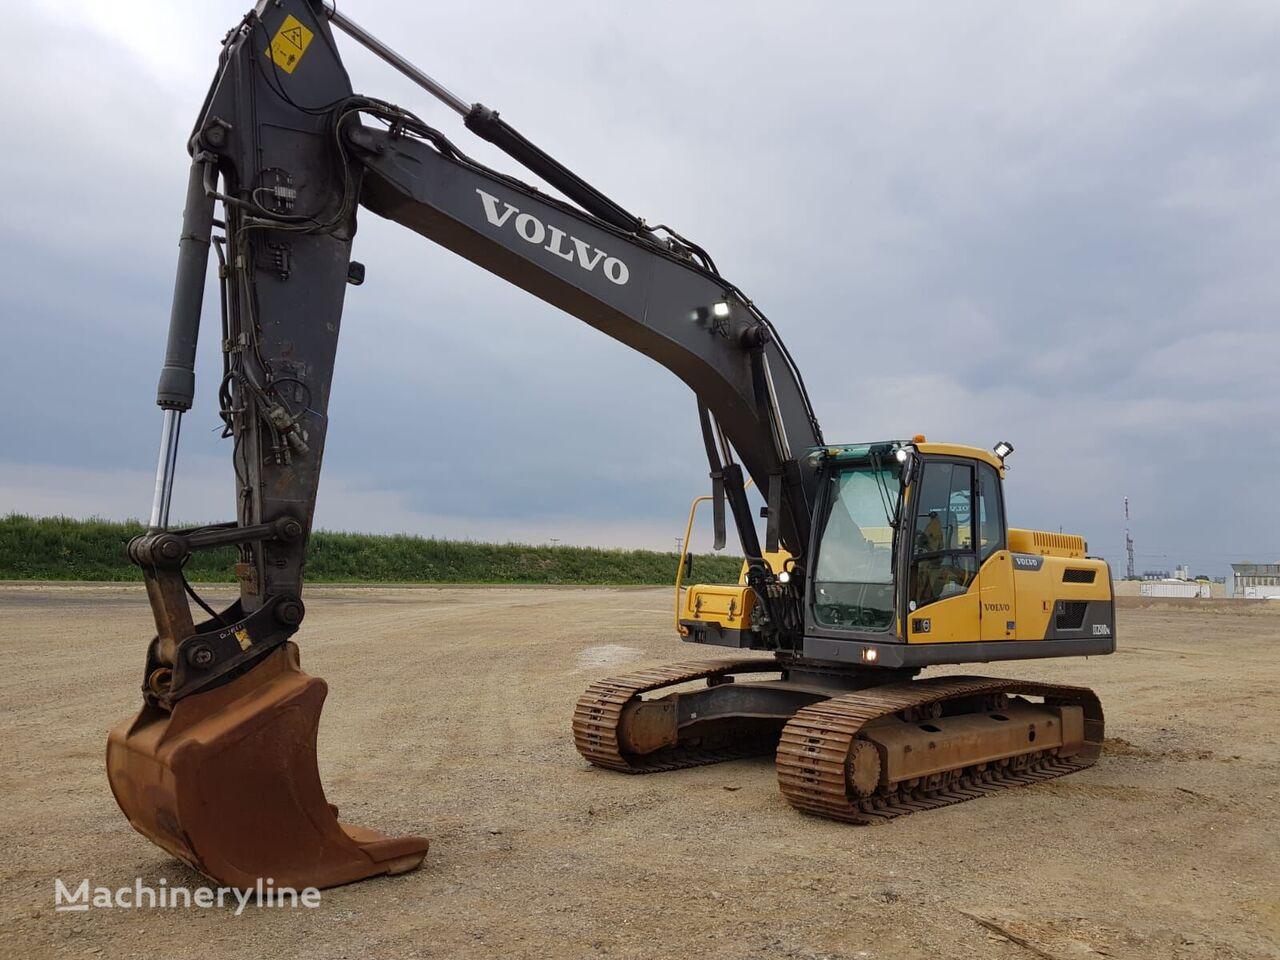 VOLVO EC250 DNL tracked excavator